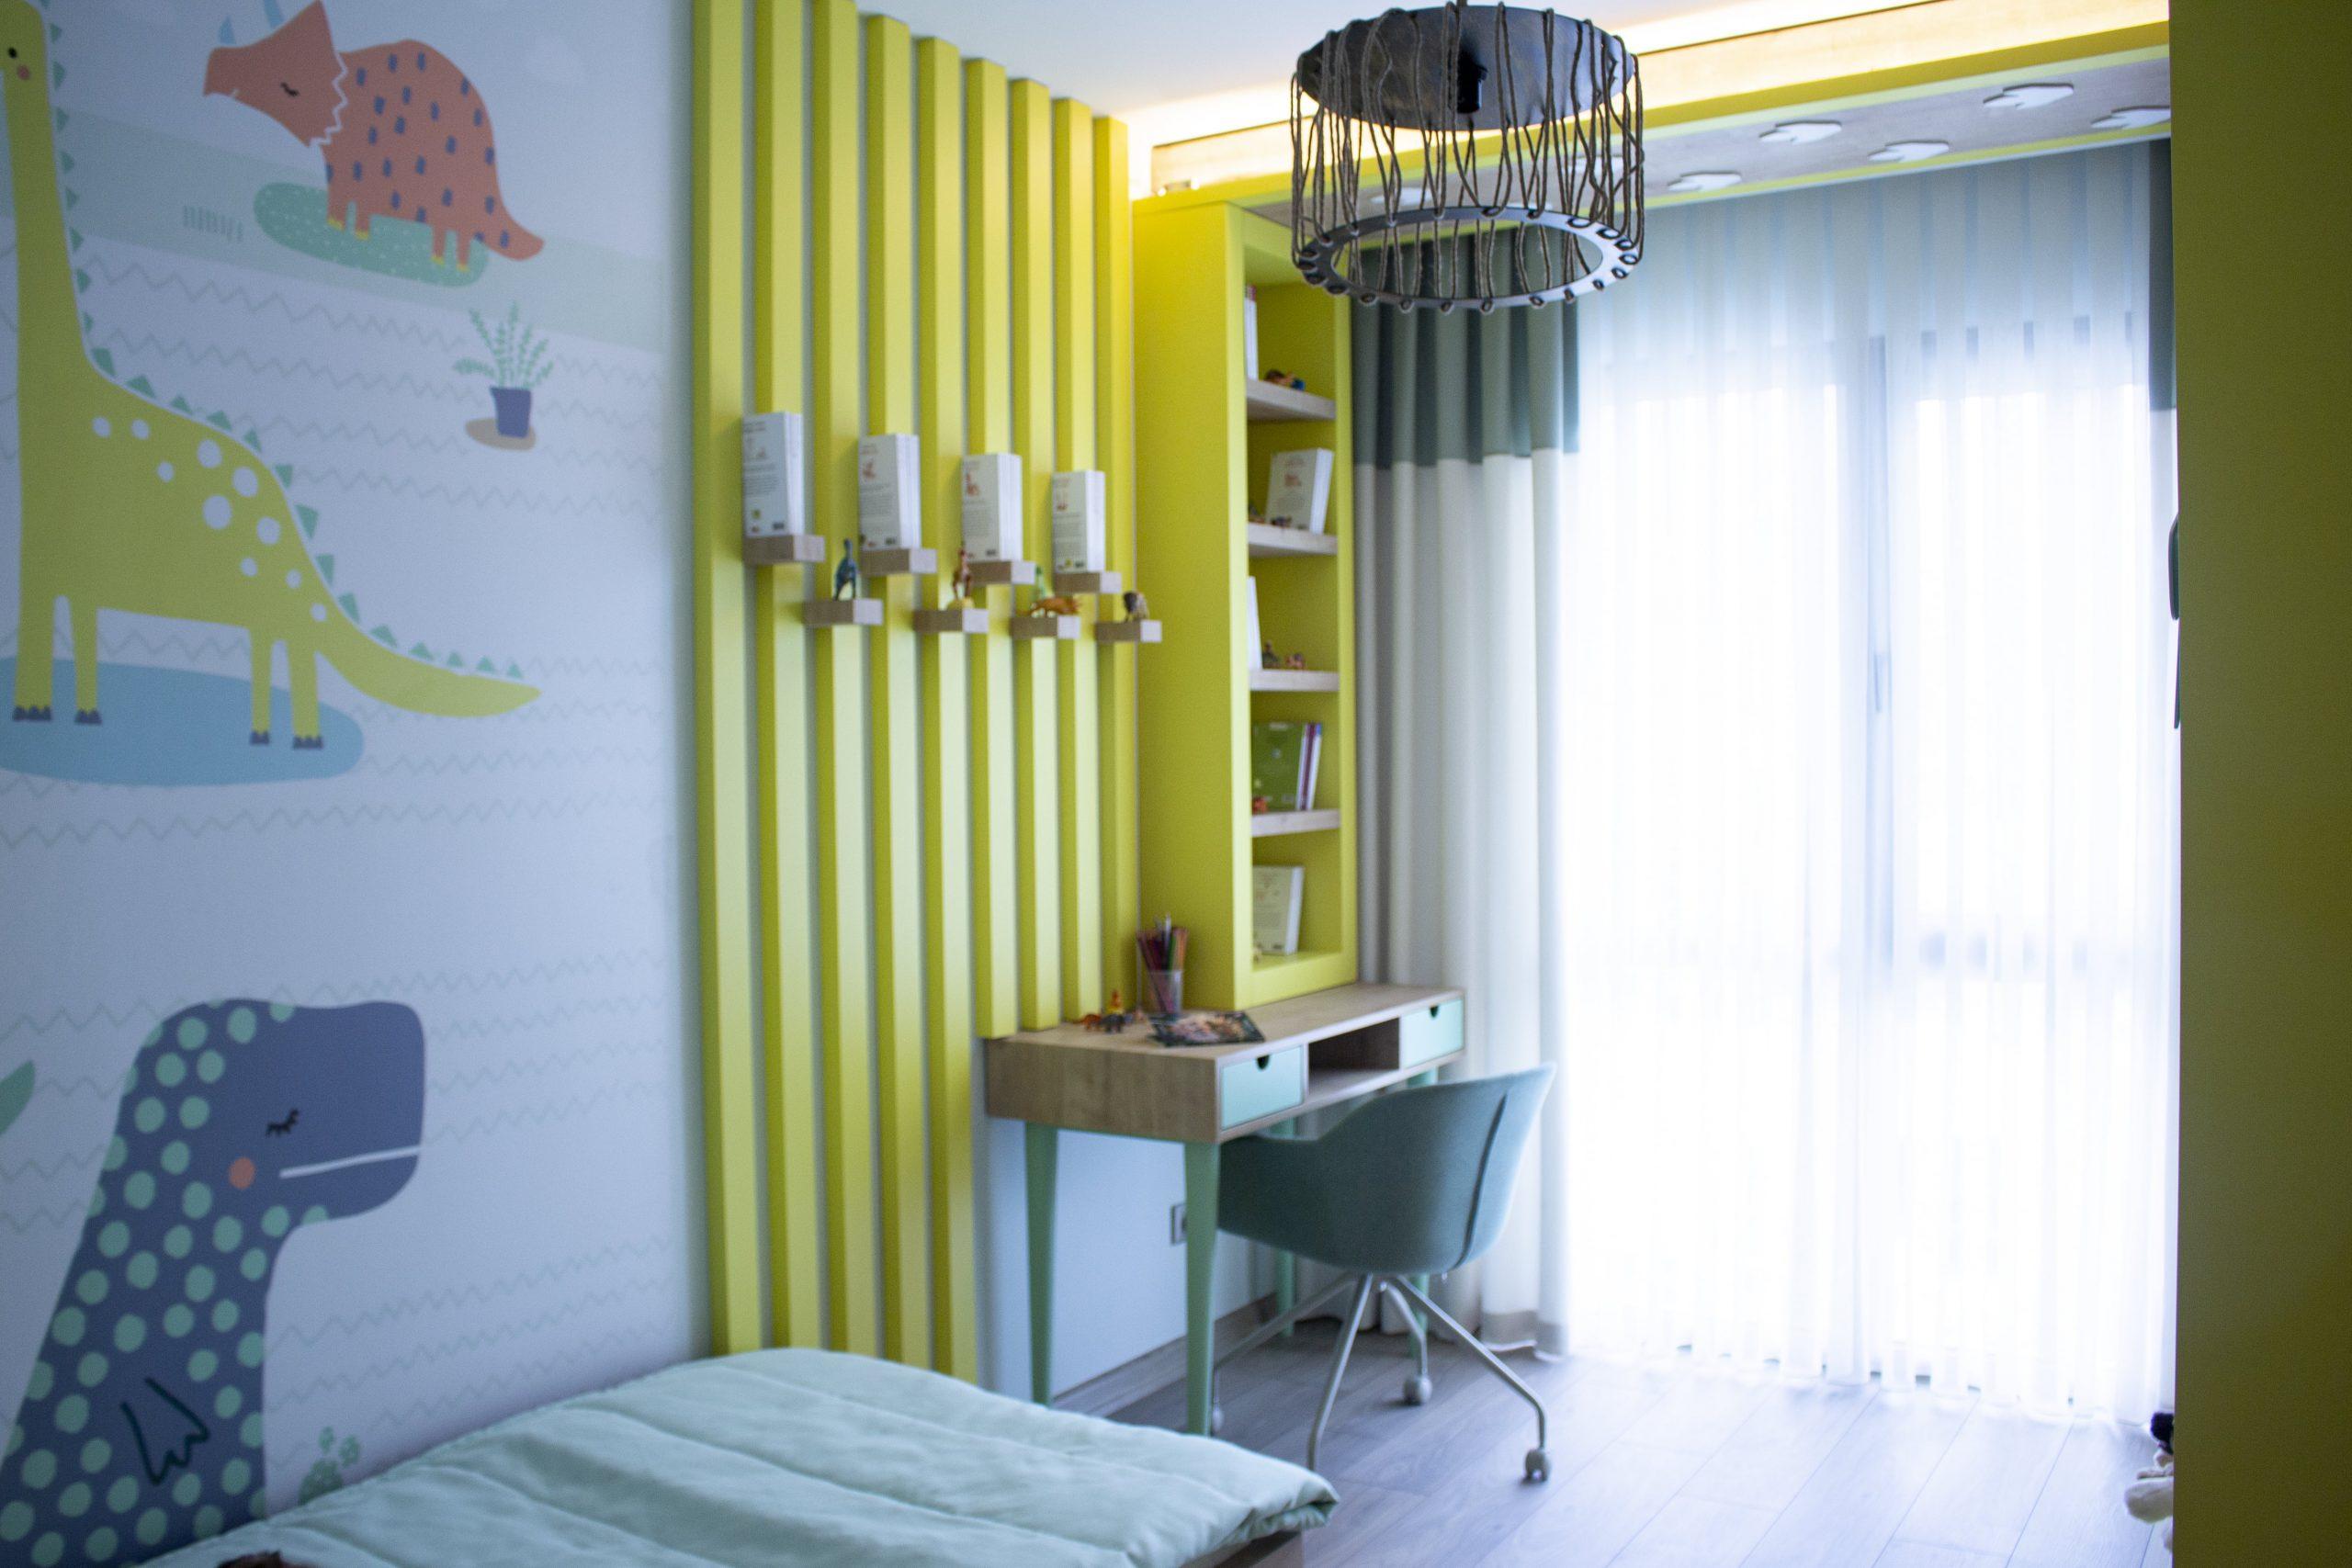 Современные квартиры различных планировок в районе Зейтинбурну - Фото 12